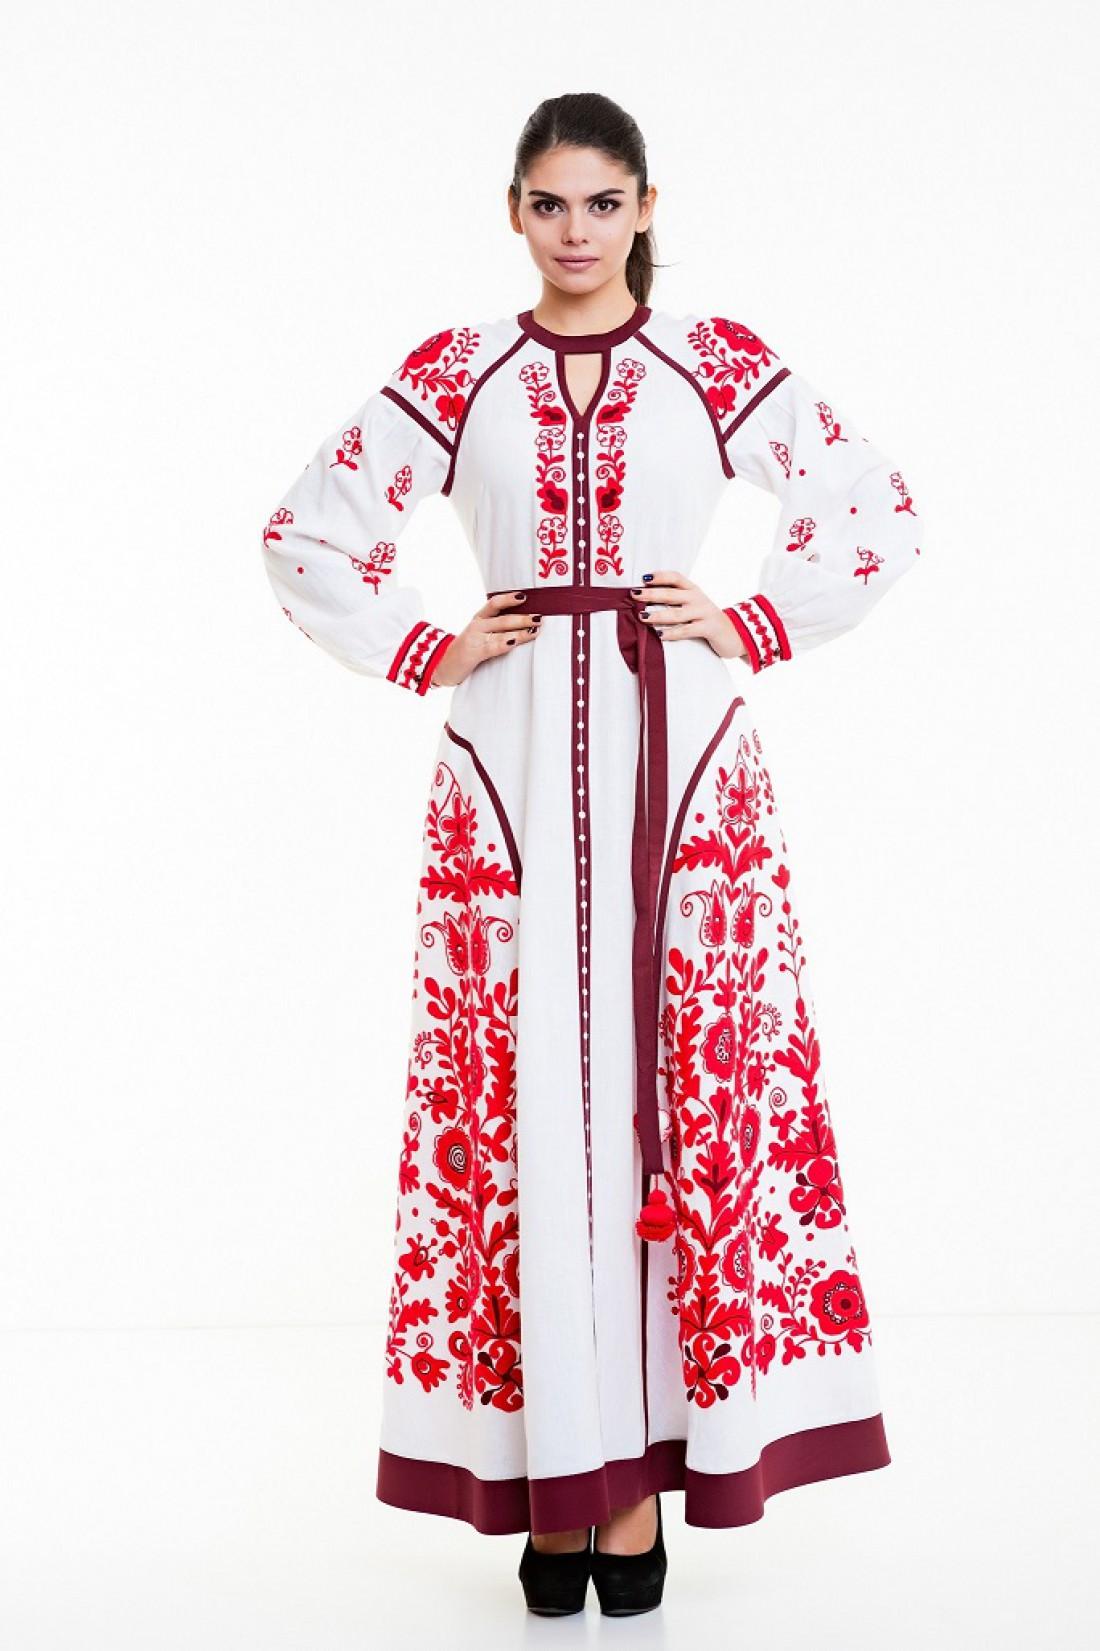 7 лучших украинских брендов одежды рекомендации